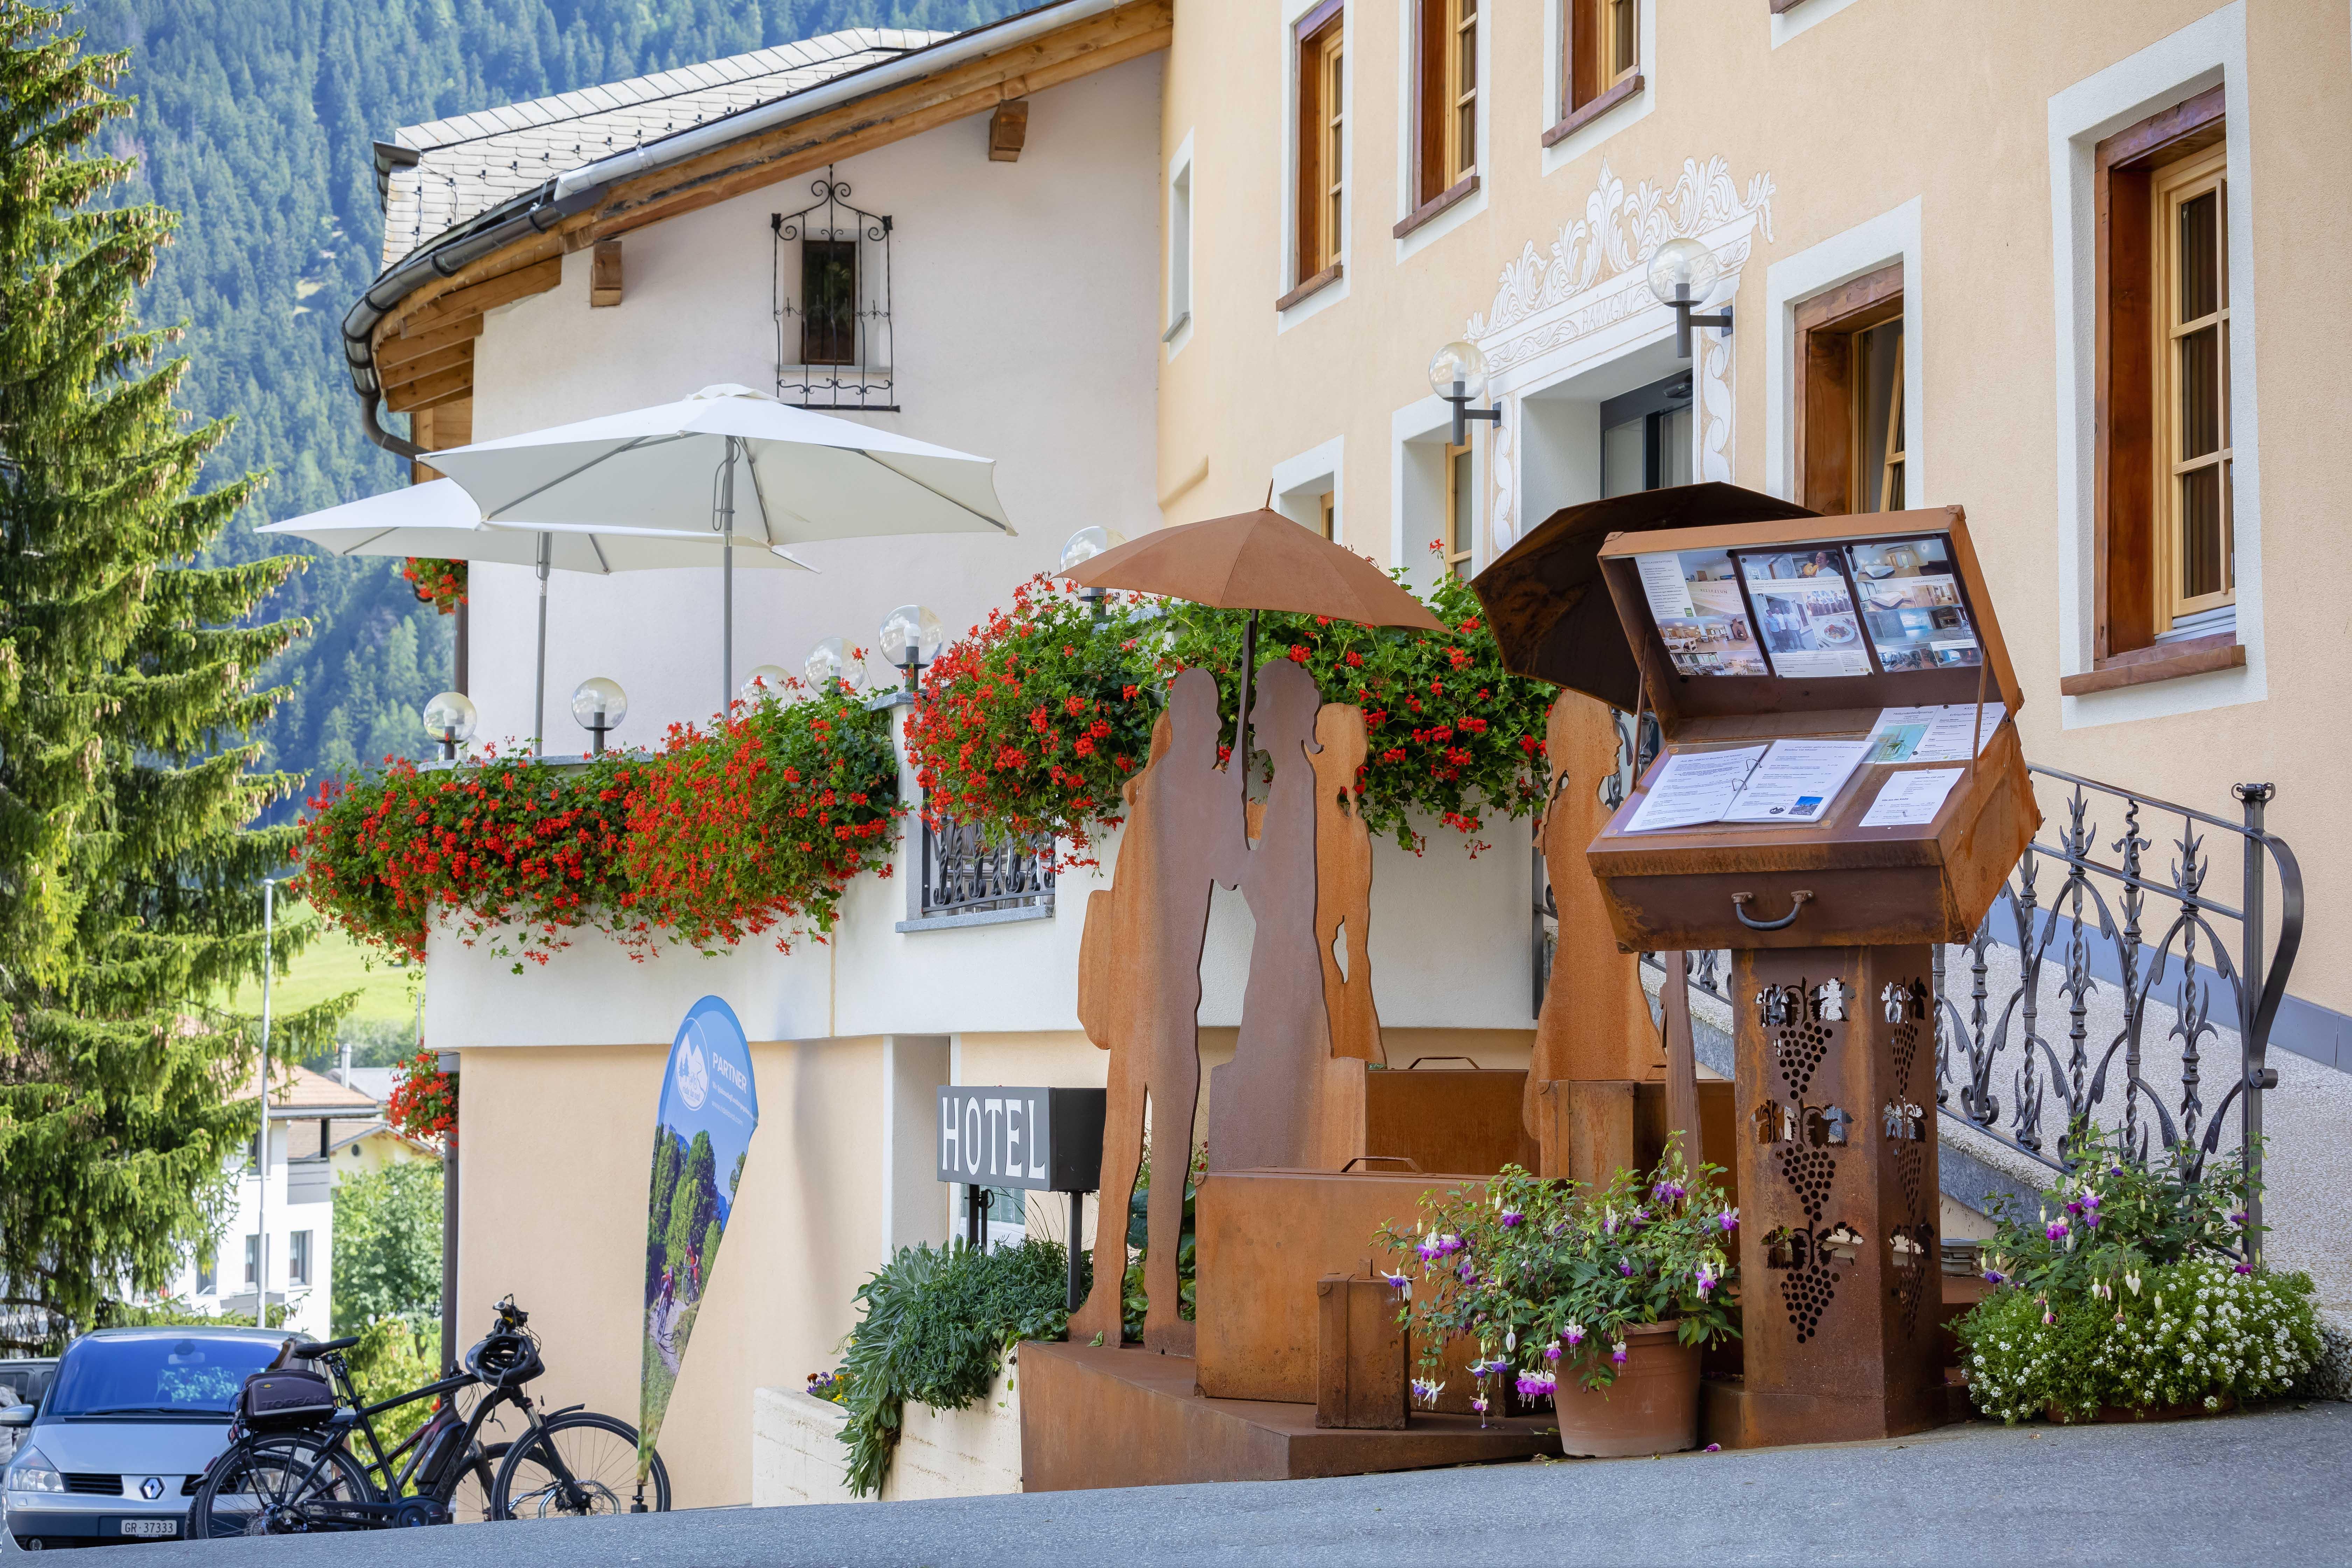 Hotel_Helvetia_Müstair